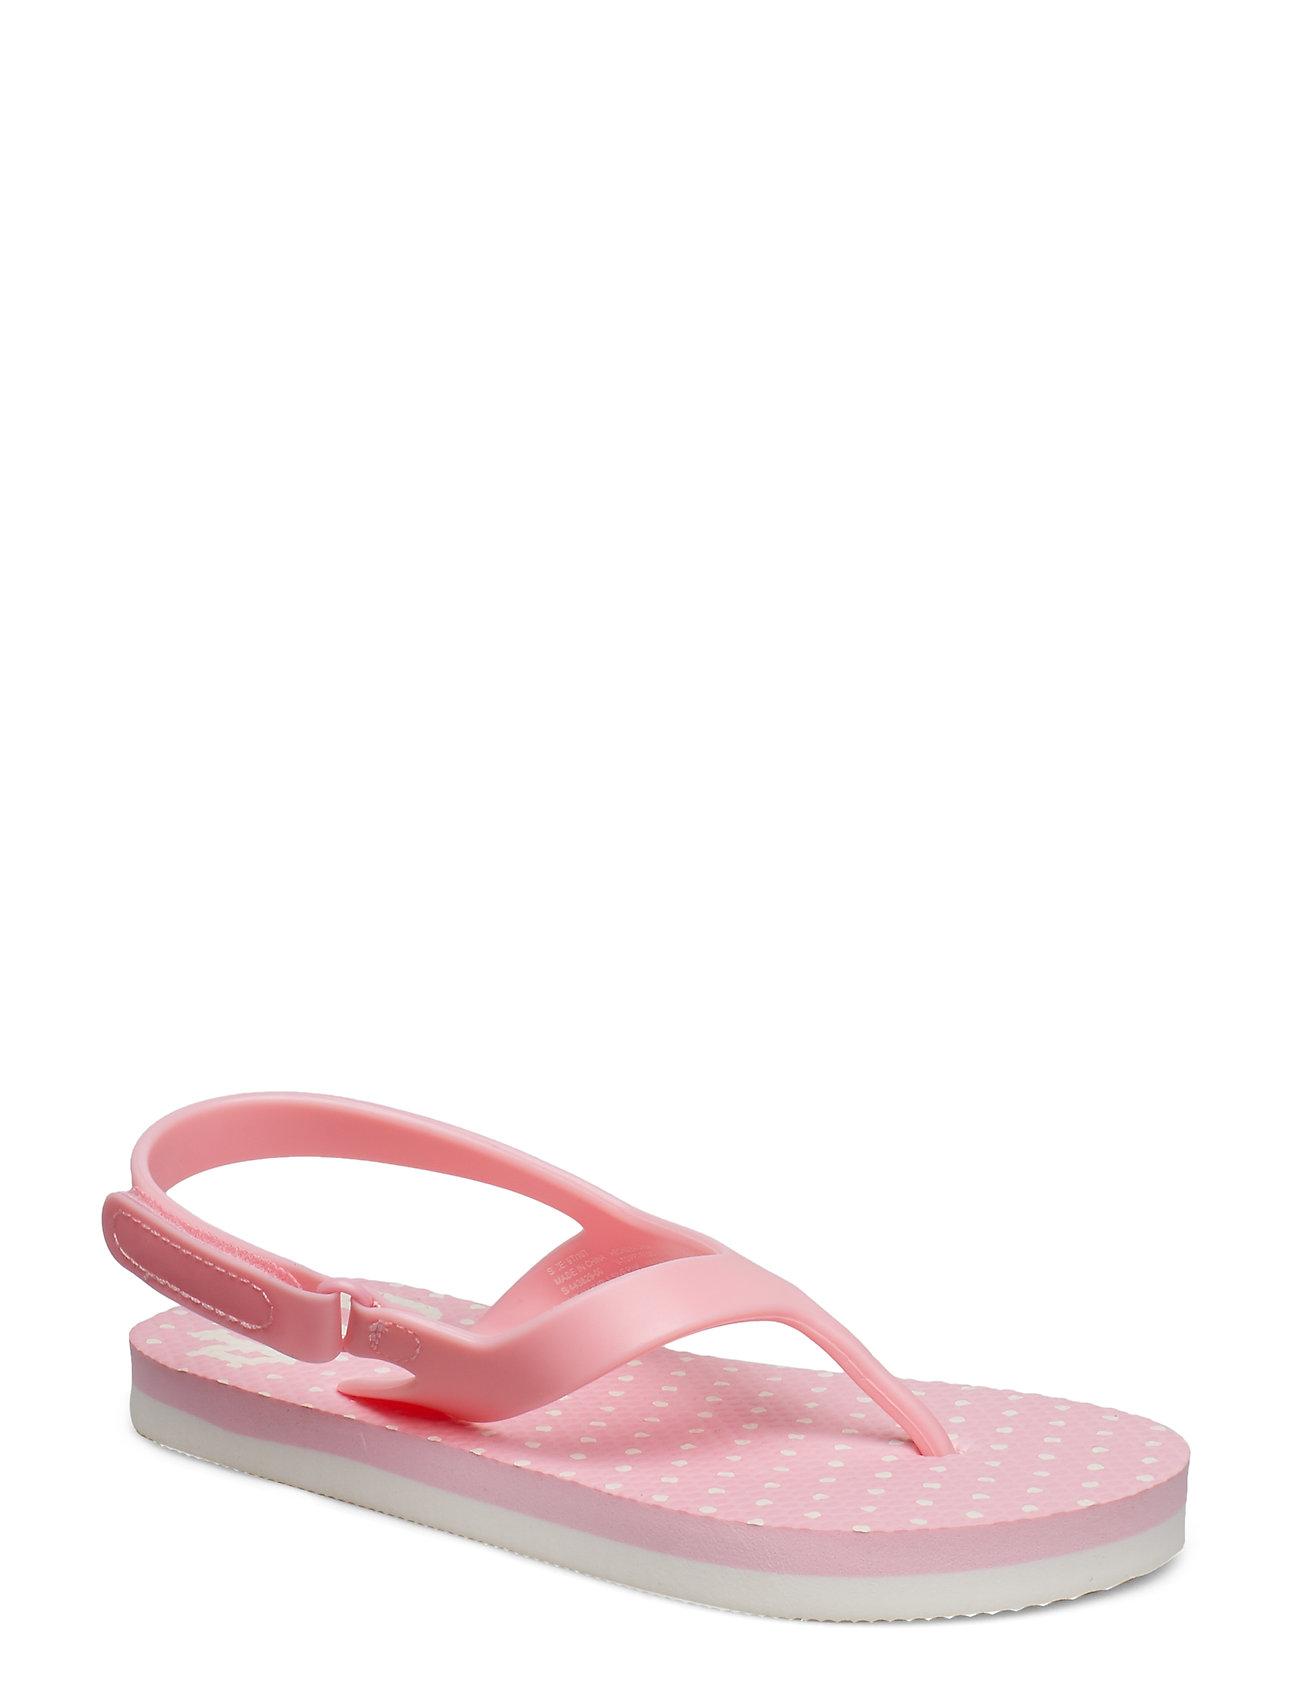 351f231d831 NEON IMPULSIVE PINK GAP V-Tg Prt Ff Go sandaler for børn - Pashion.dk